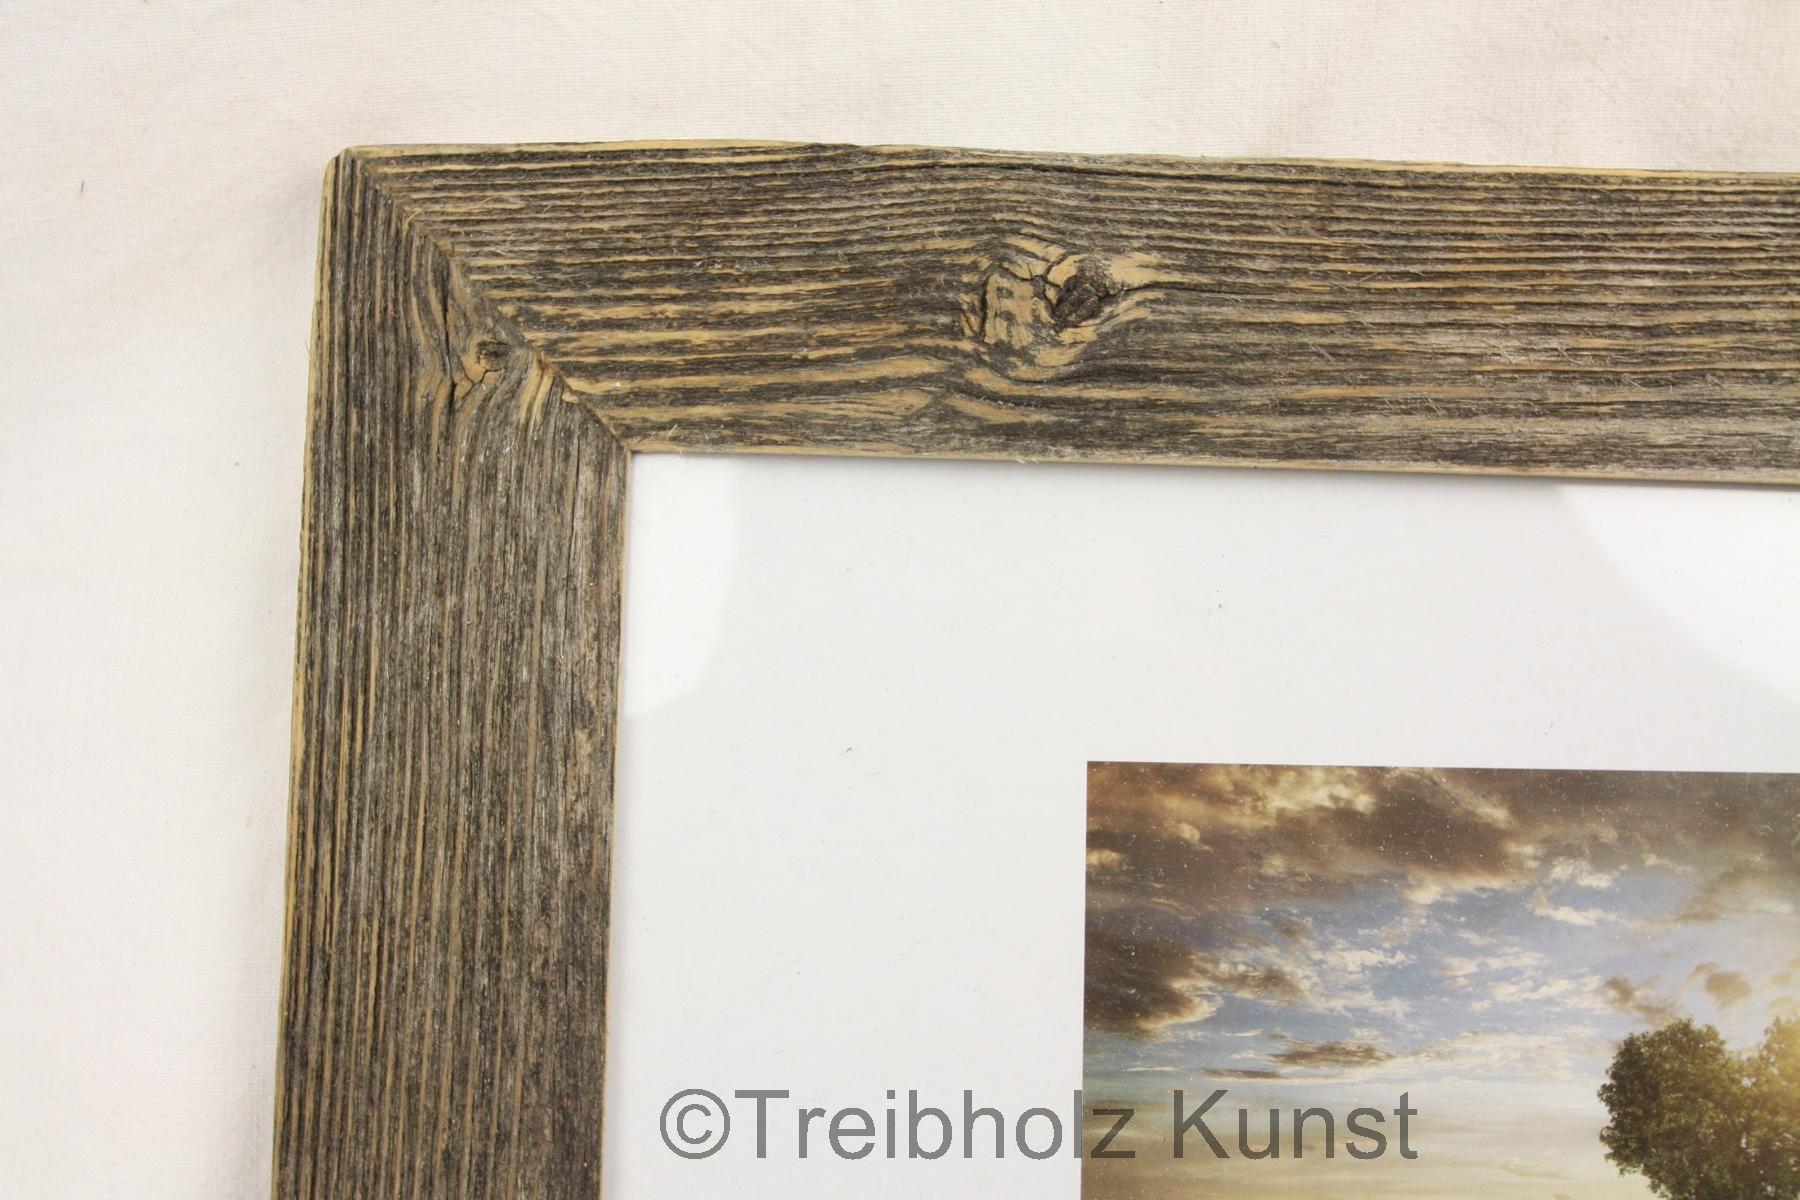 Schön Treibholz Rahmen Galerie - Benutzerdefinierte Bilderrahmen ...